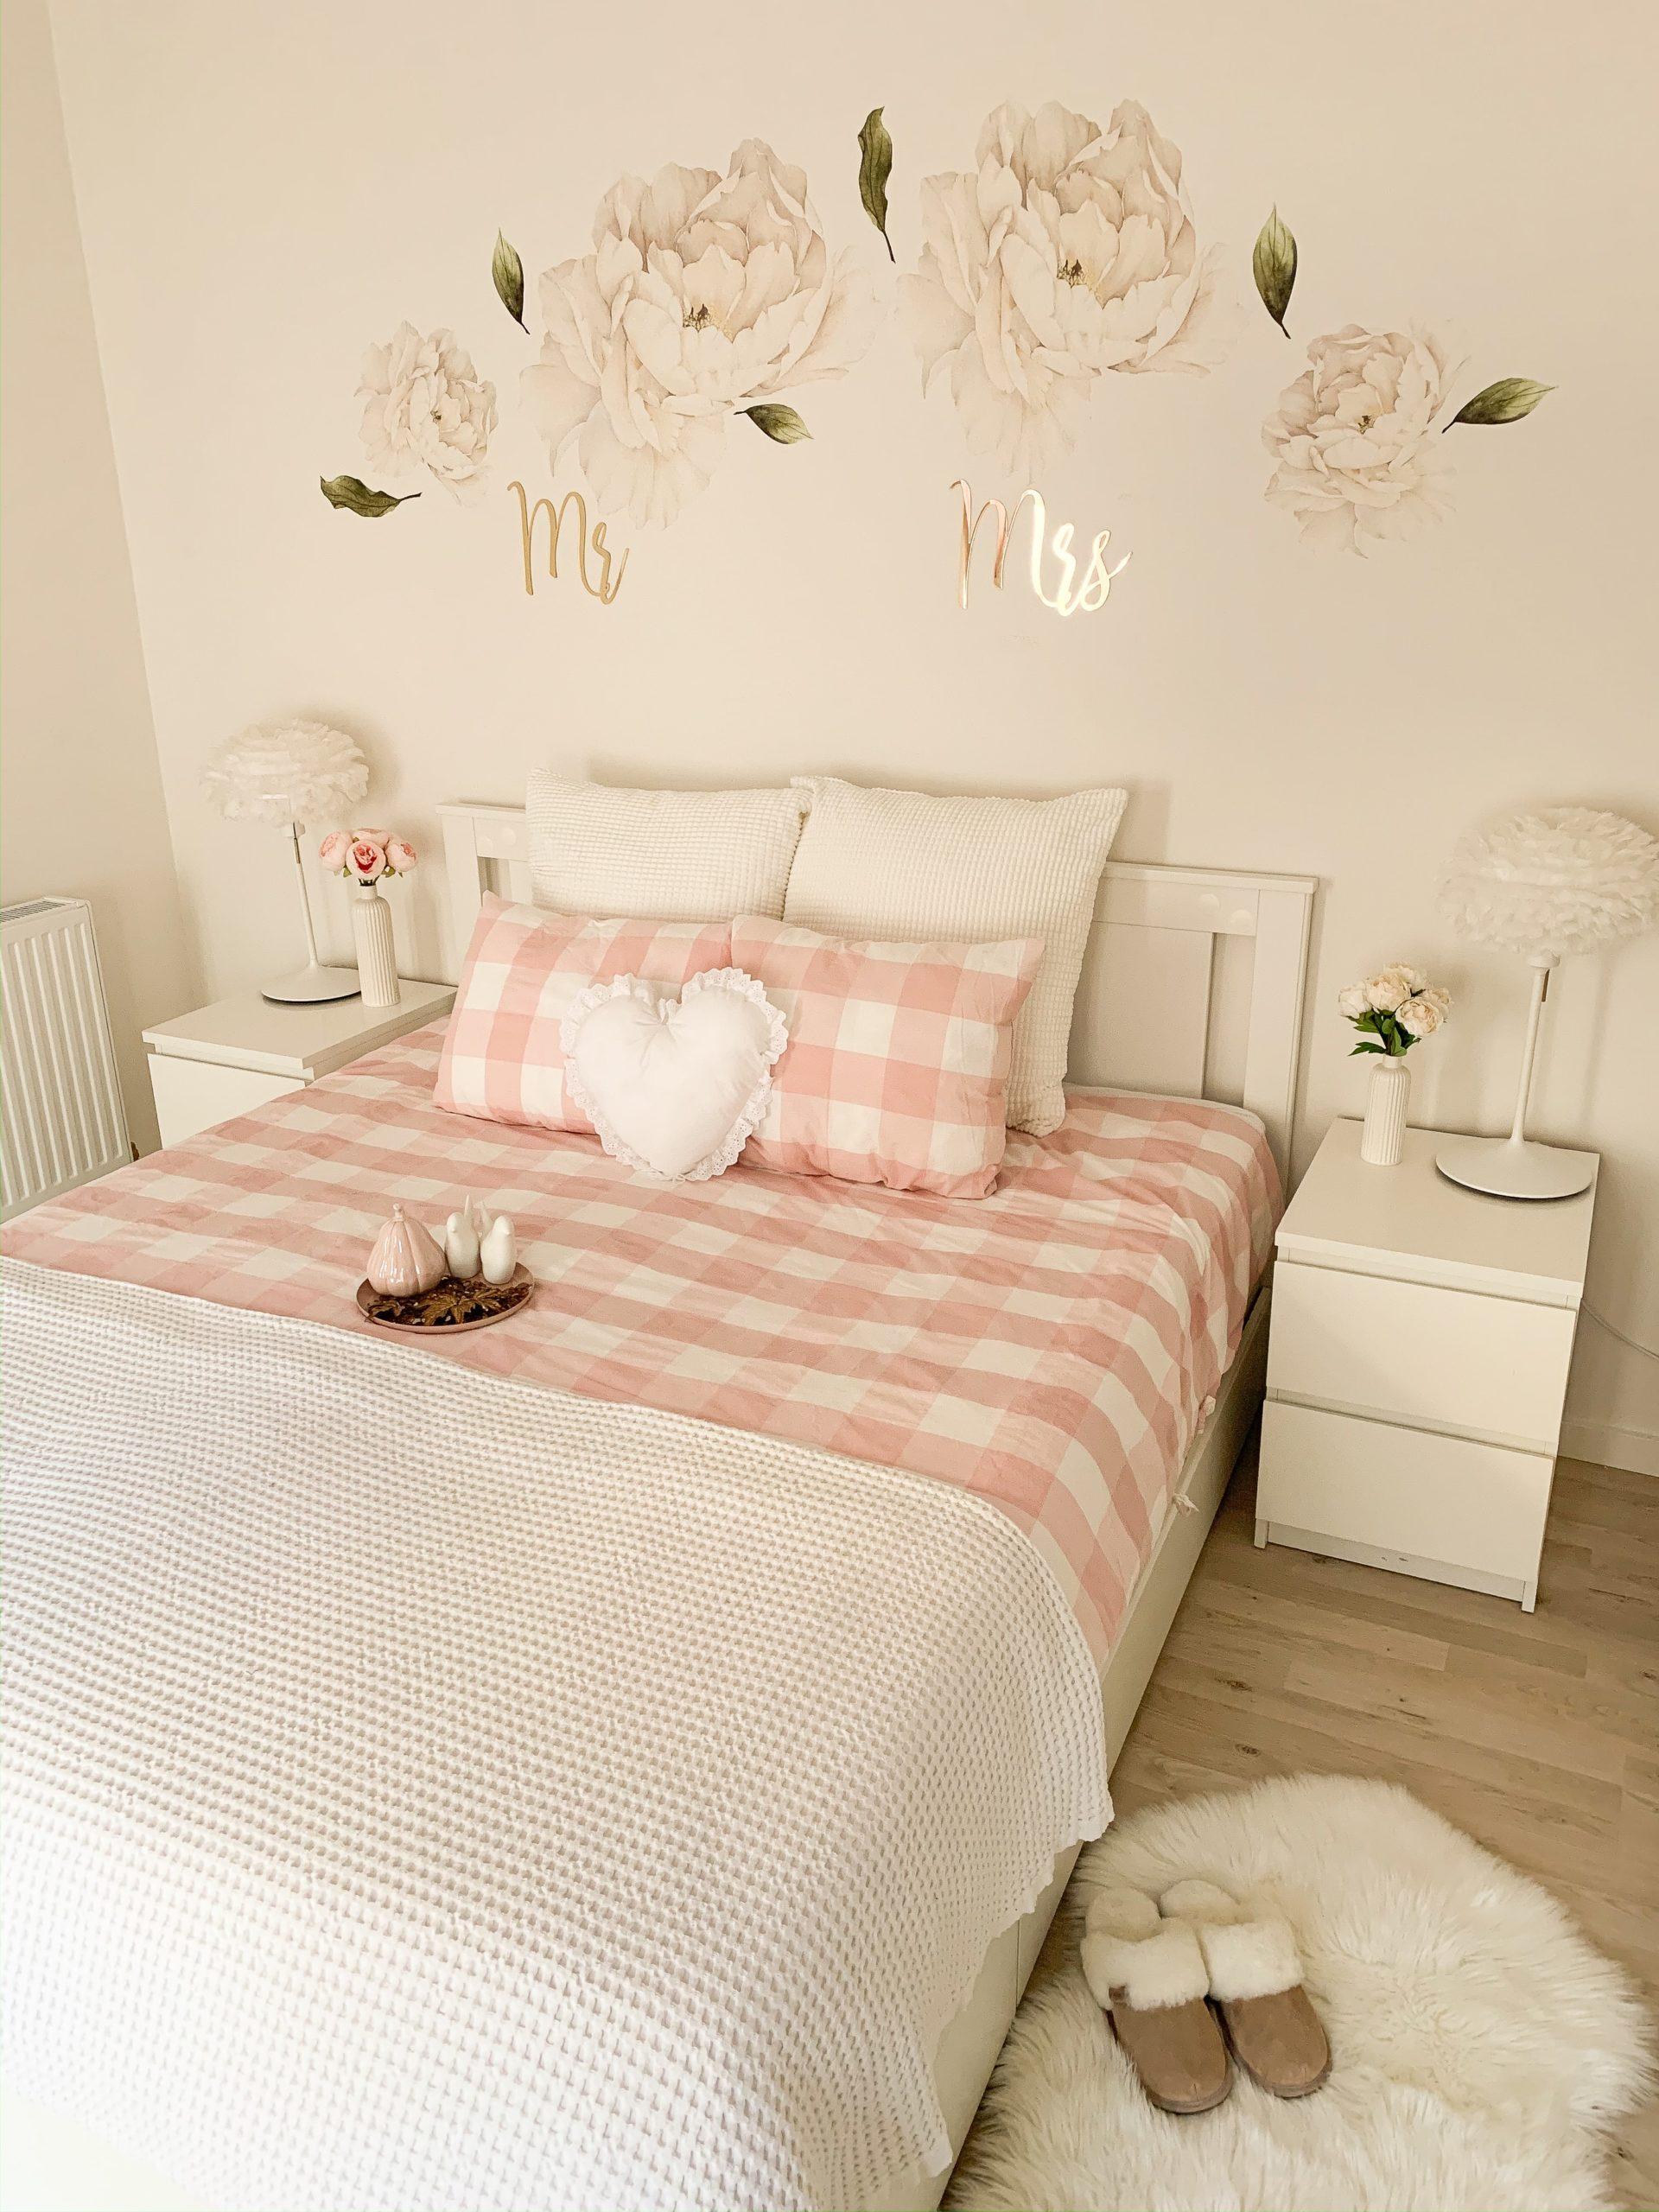 جبس بورد غرف نوم وأهم النصائح اللازمة عند تركيبه